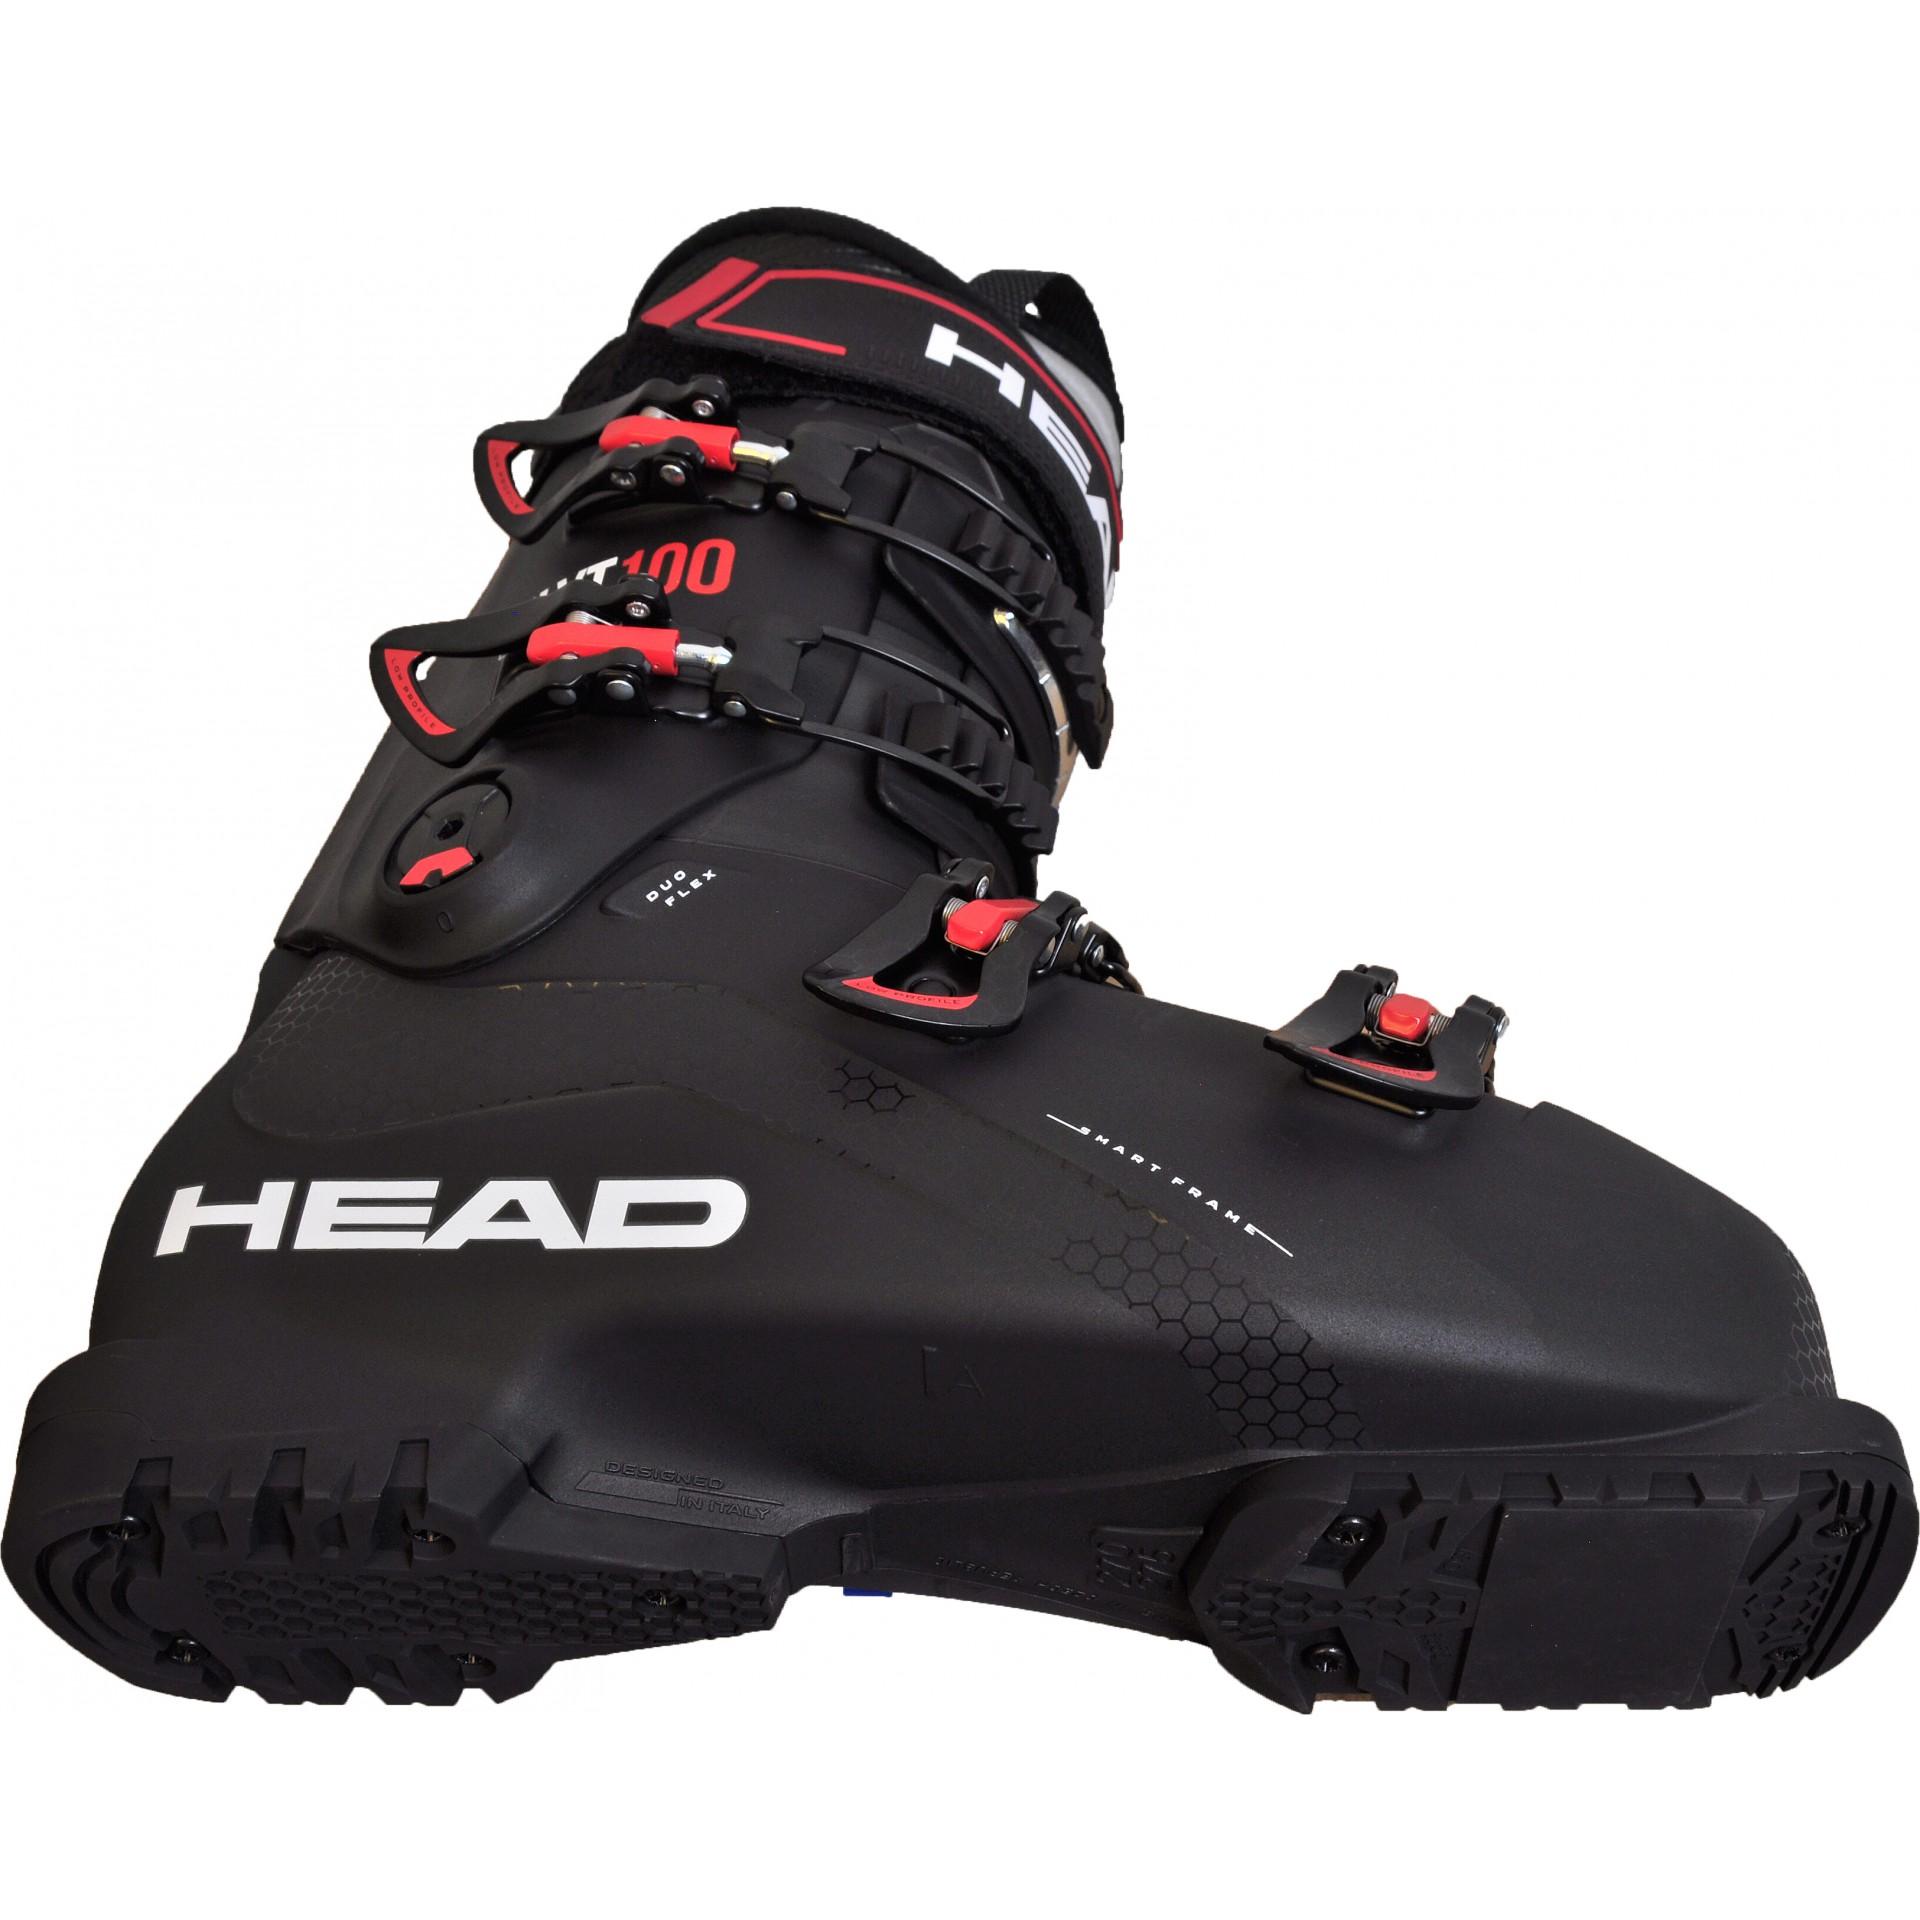 Buty narciarskie damskie Head Edge LYT 100 W 2020